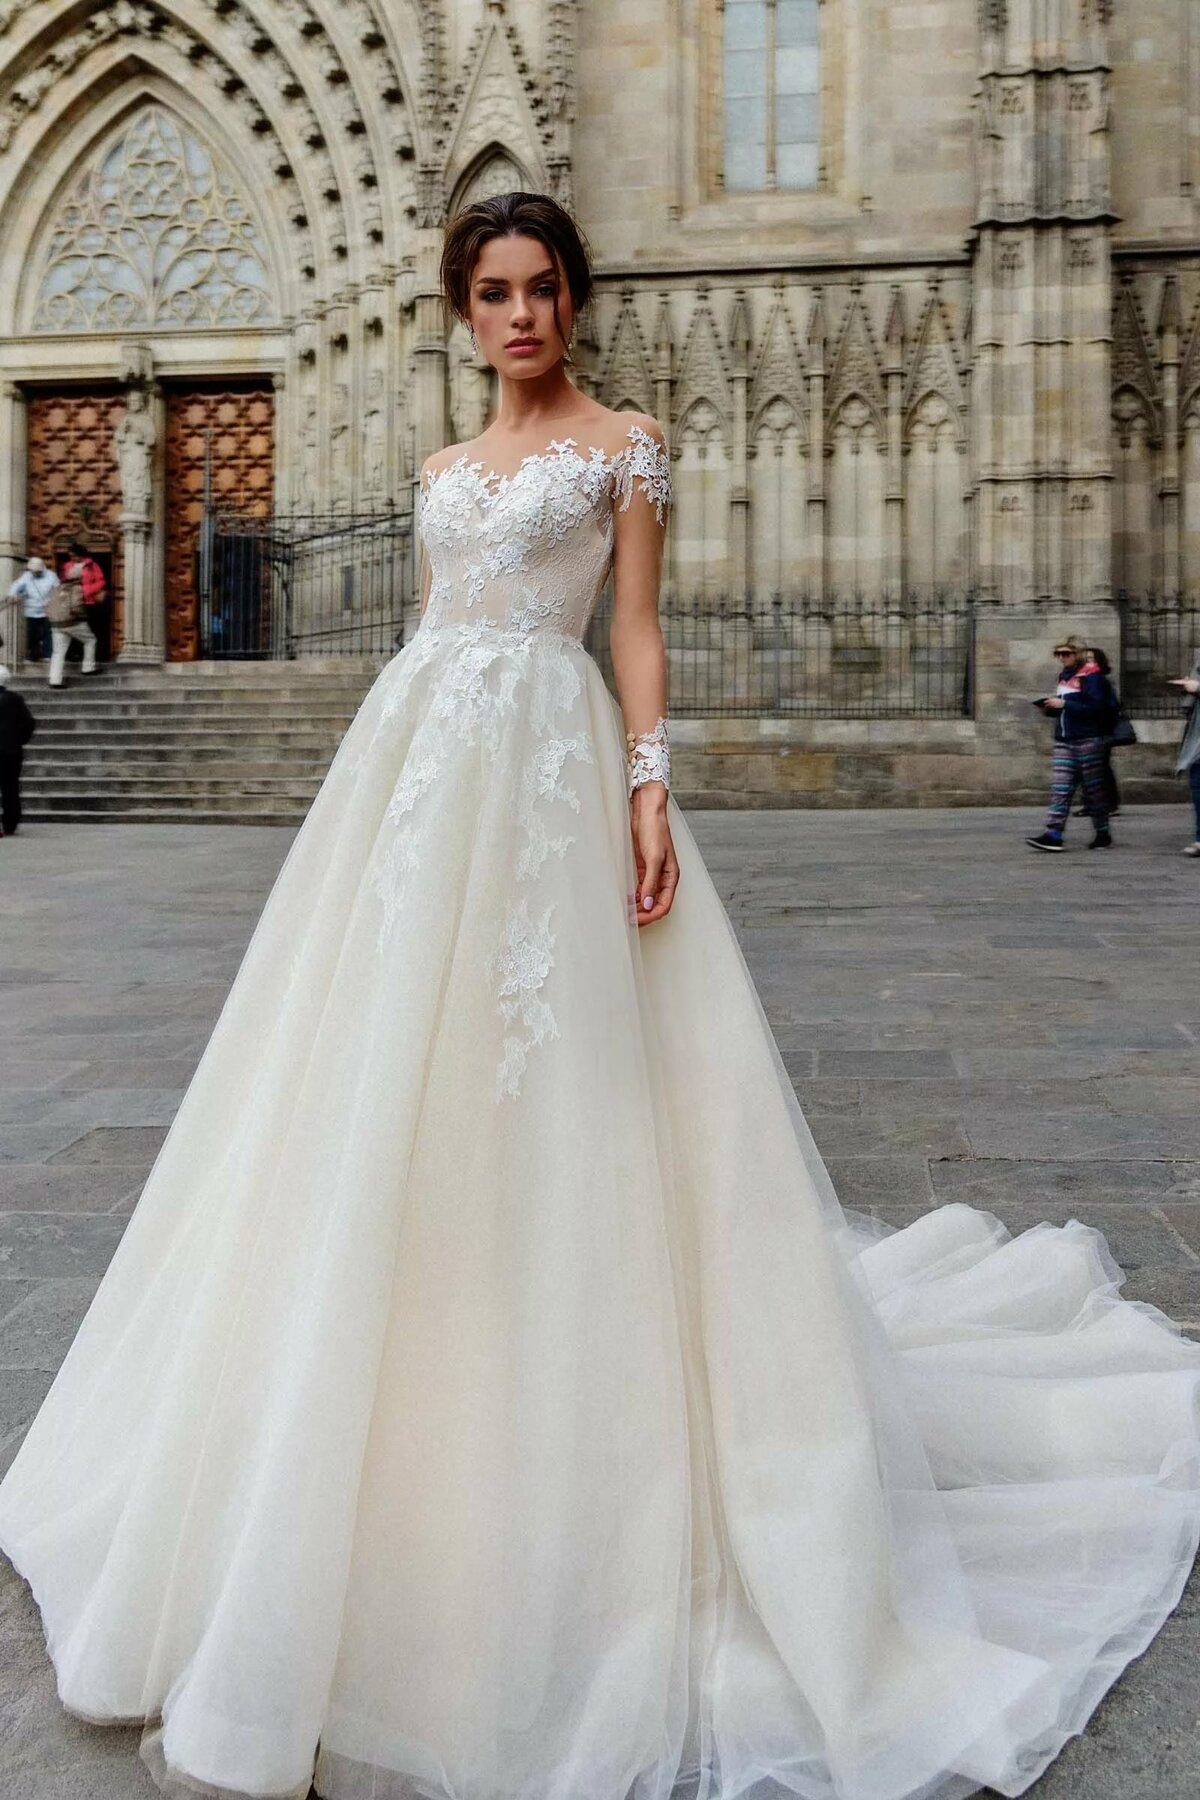 Картинки свадебных платьев спб